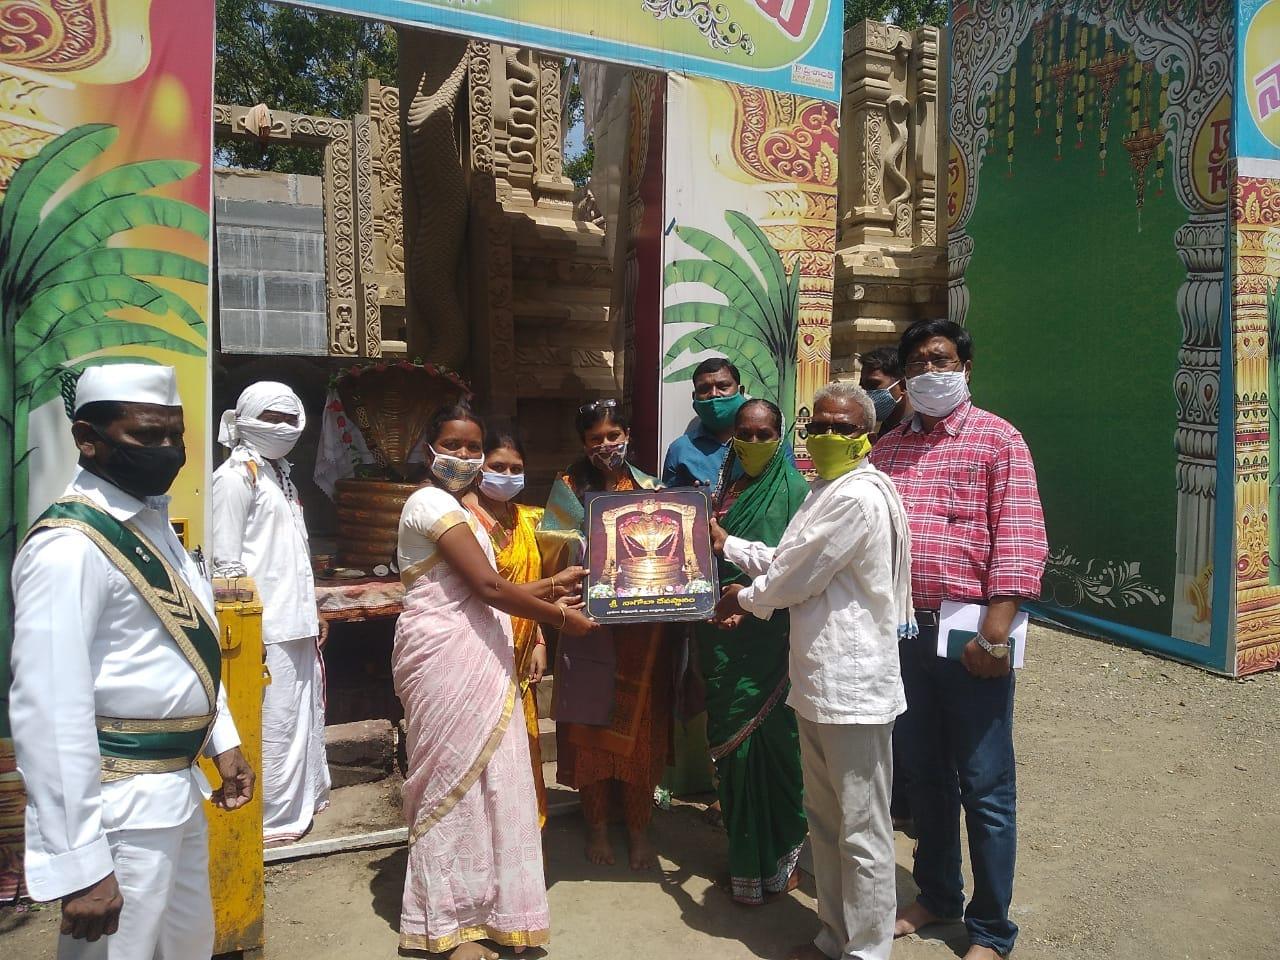 అంతకు ముందు గిరిజనుల ఆరాధ్య దైవం నాగోబా ఆలయాన్ని సిక్తా పట్నాయక్ దర్శించుకొని ప్రత్యేక పూజలు చేశారు. నాగోబా దేవతకు పూజా కార్యక్రమాలు నిర్వహించారు.